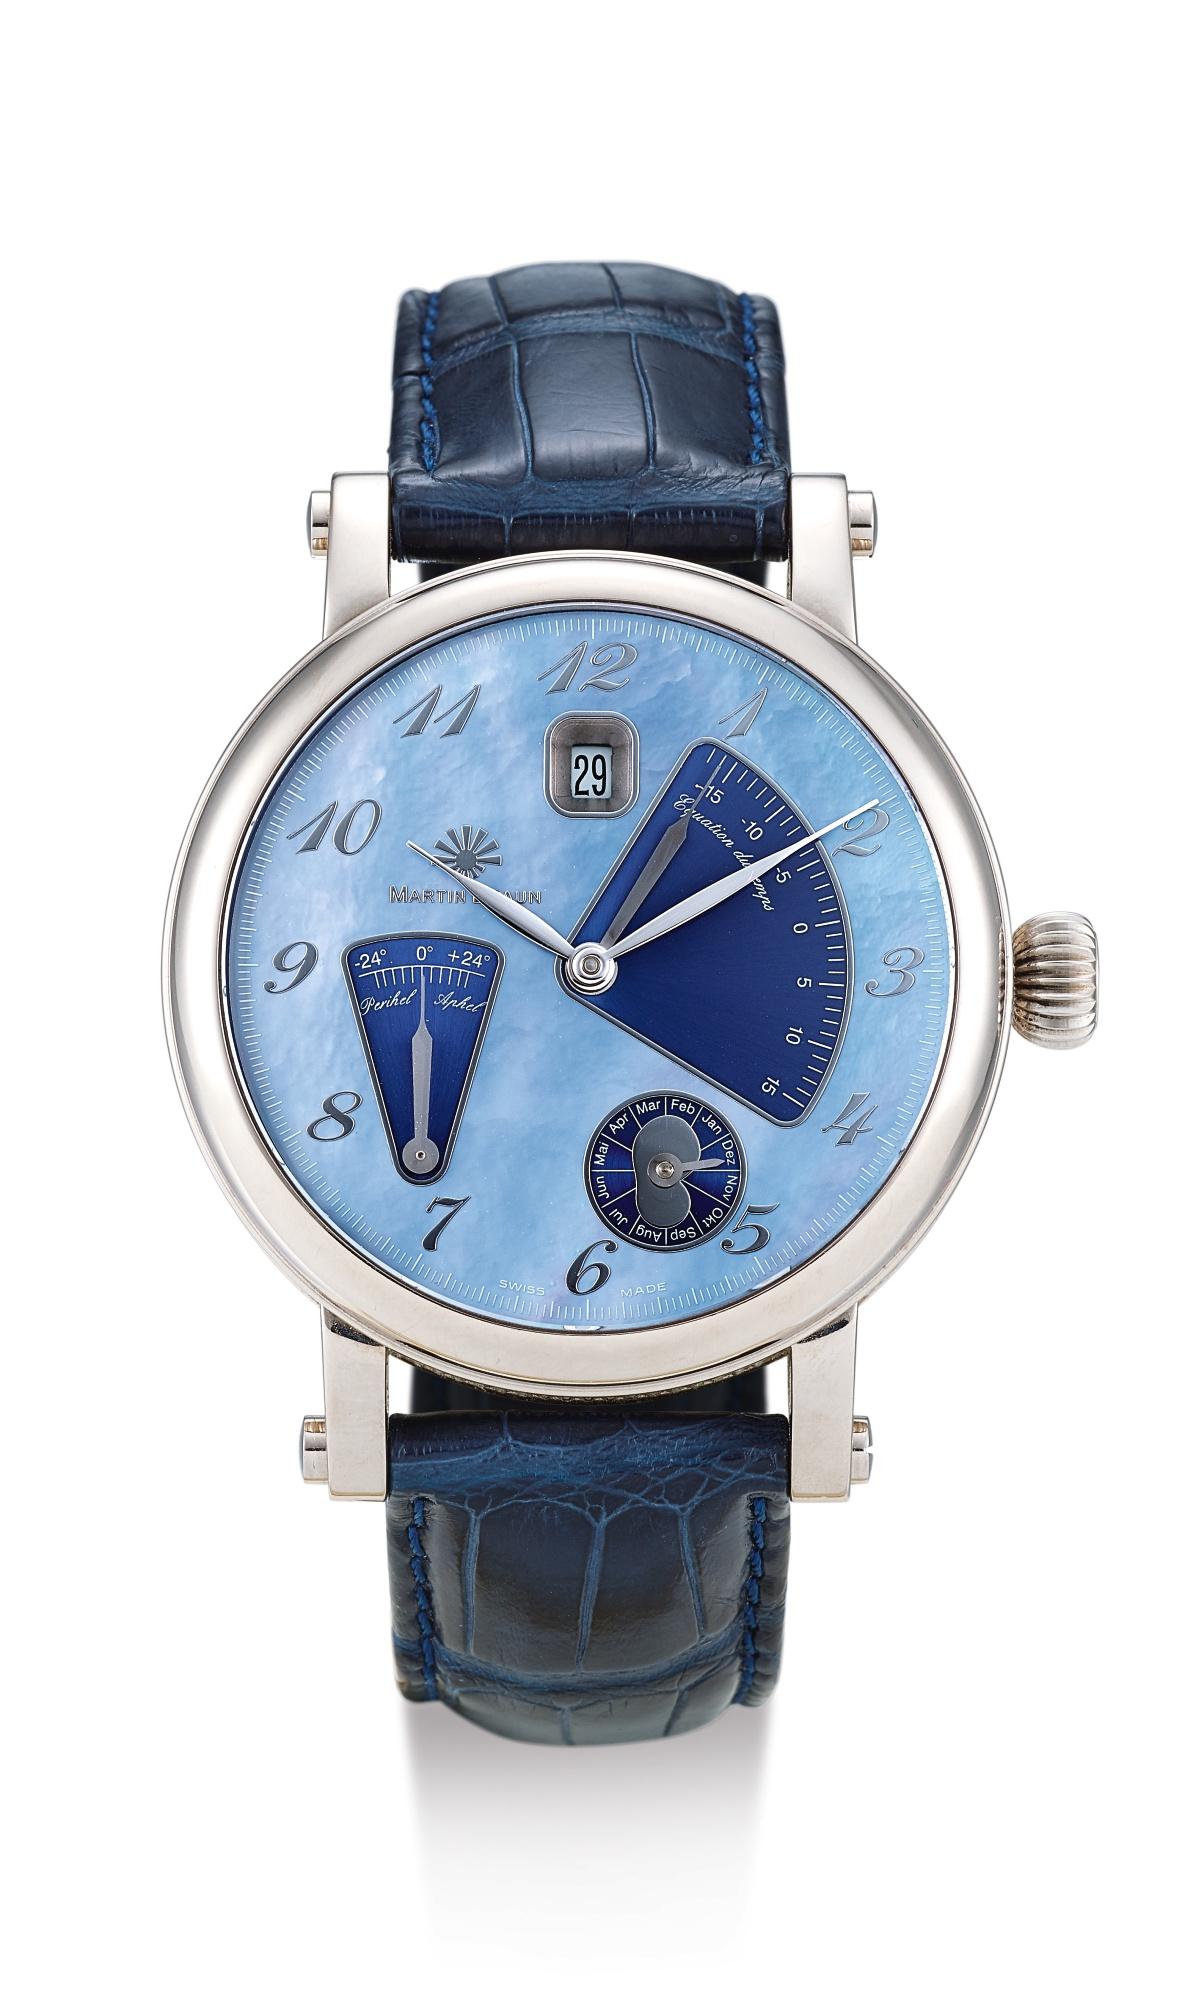 Best 5 watches for under $5k